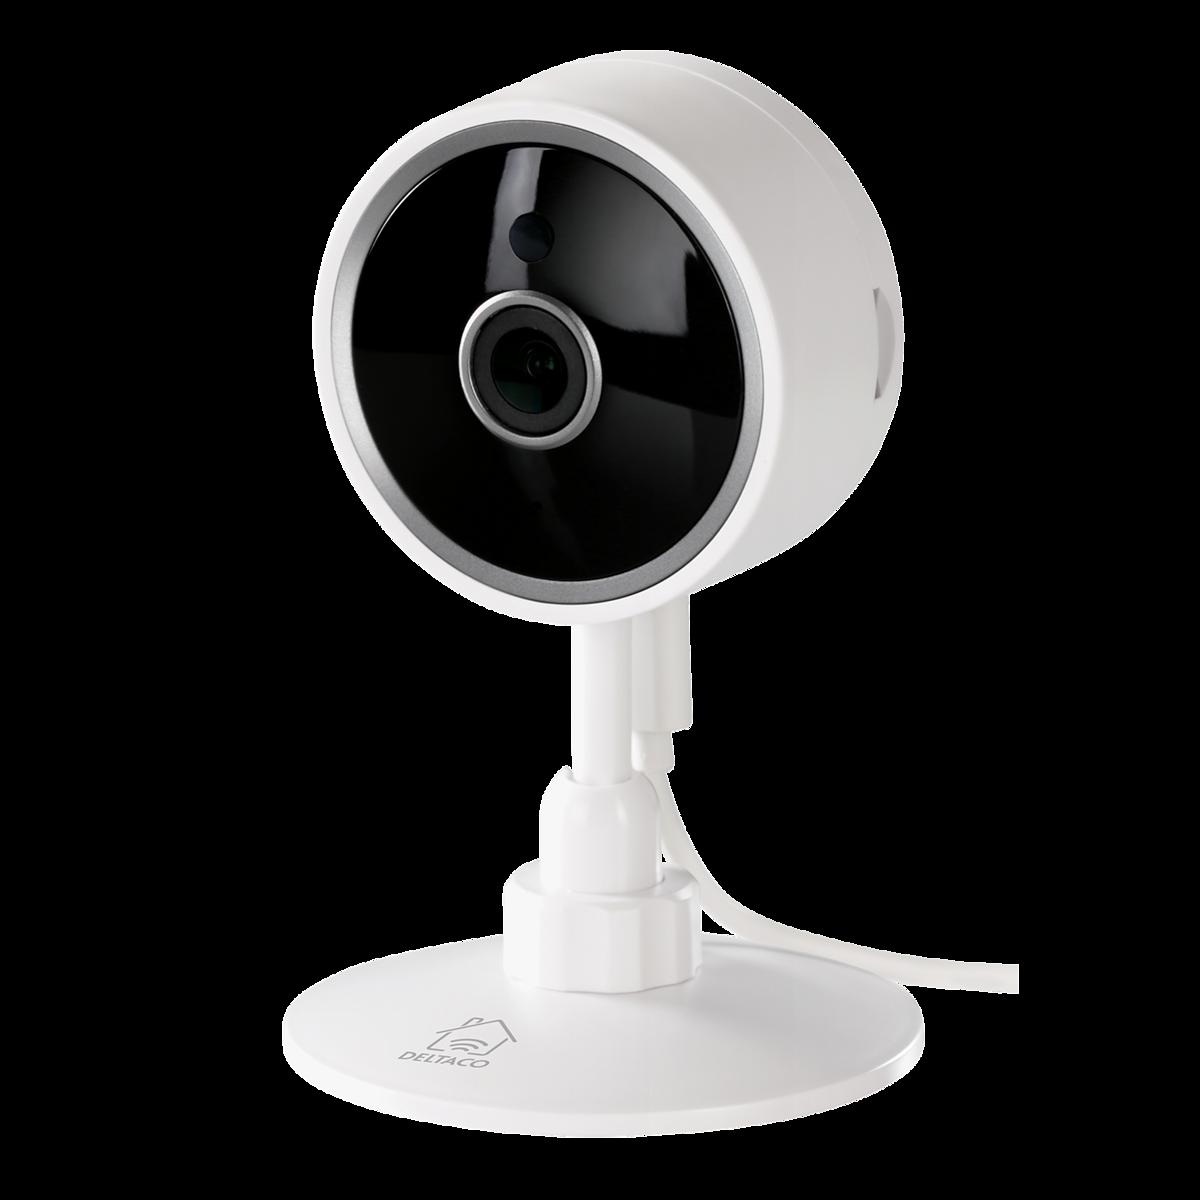 Deltaco Home Smart nätverkskamera för inomhusbruk, 1080p, WiFi